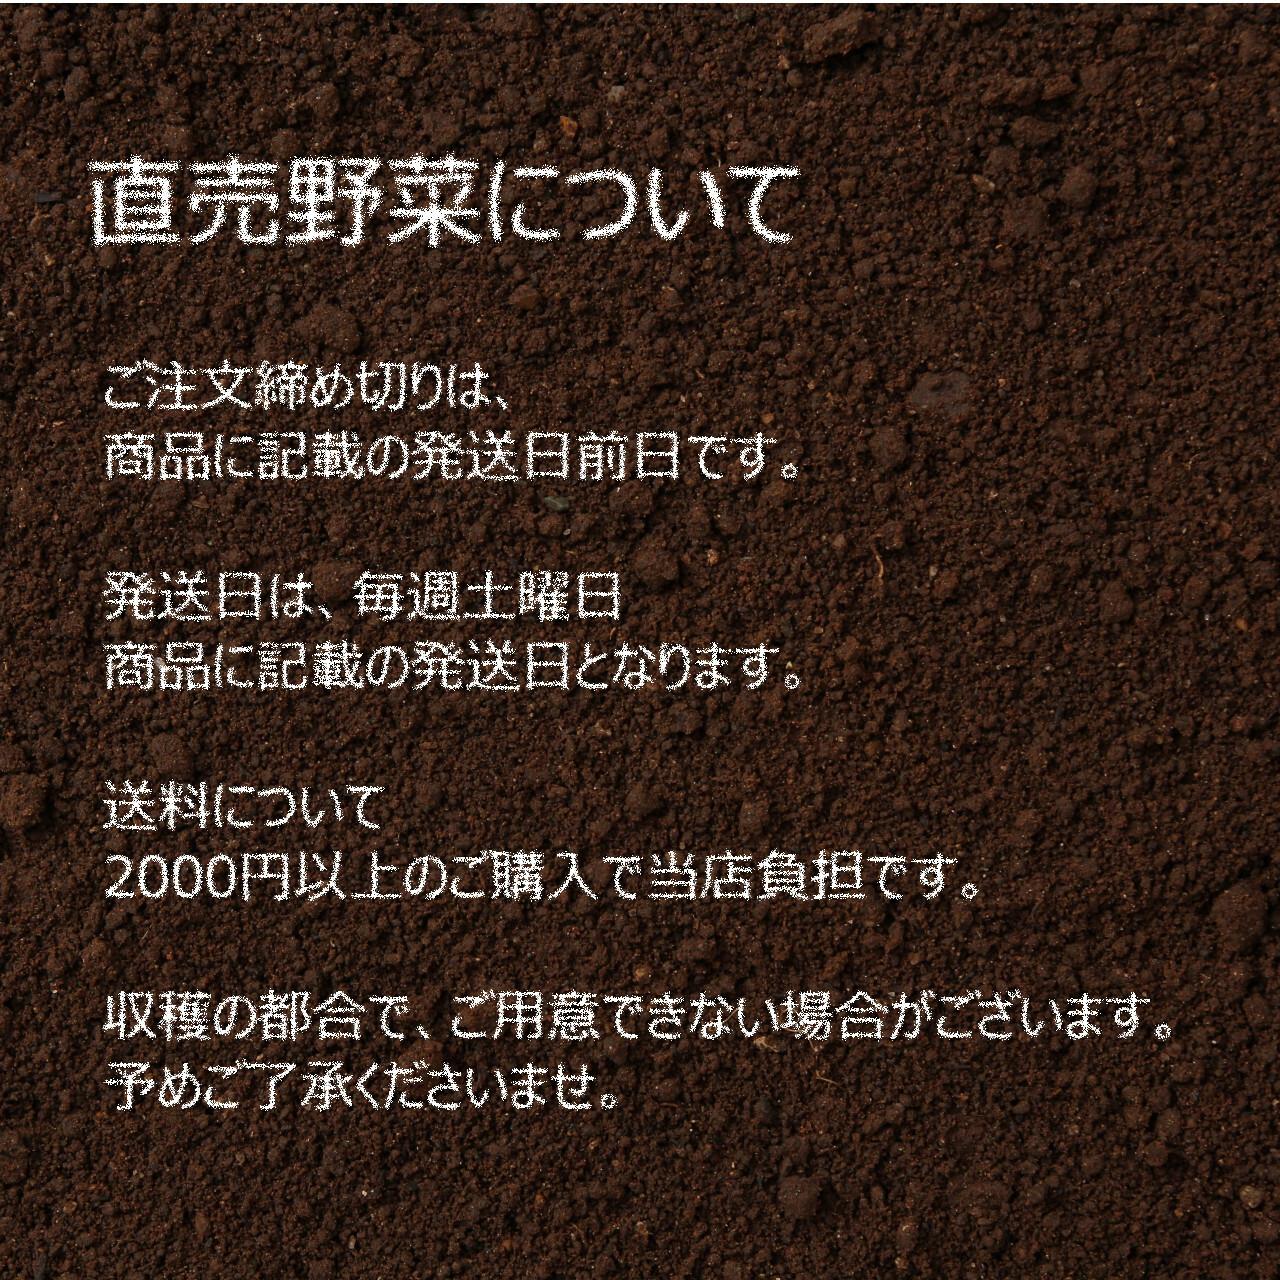 8月の新鮮な夏野菜 : ししとう 約300g 朝採り直売野菜 8月8日発送予定